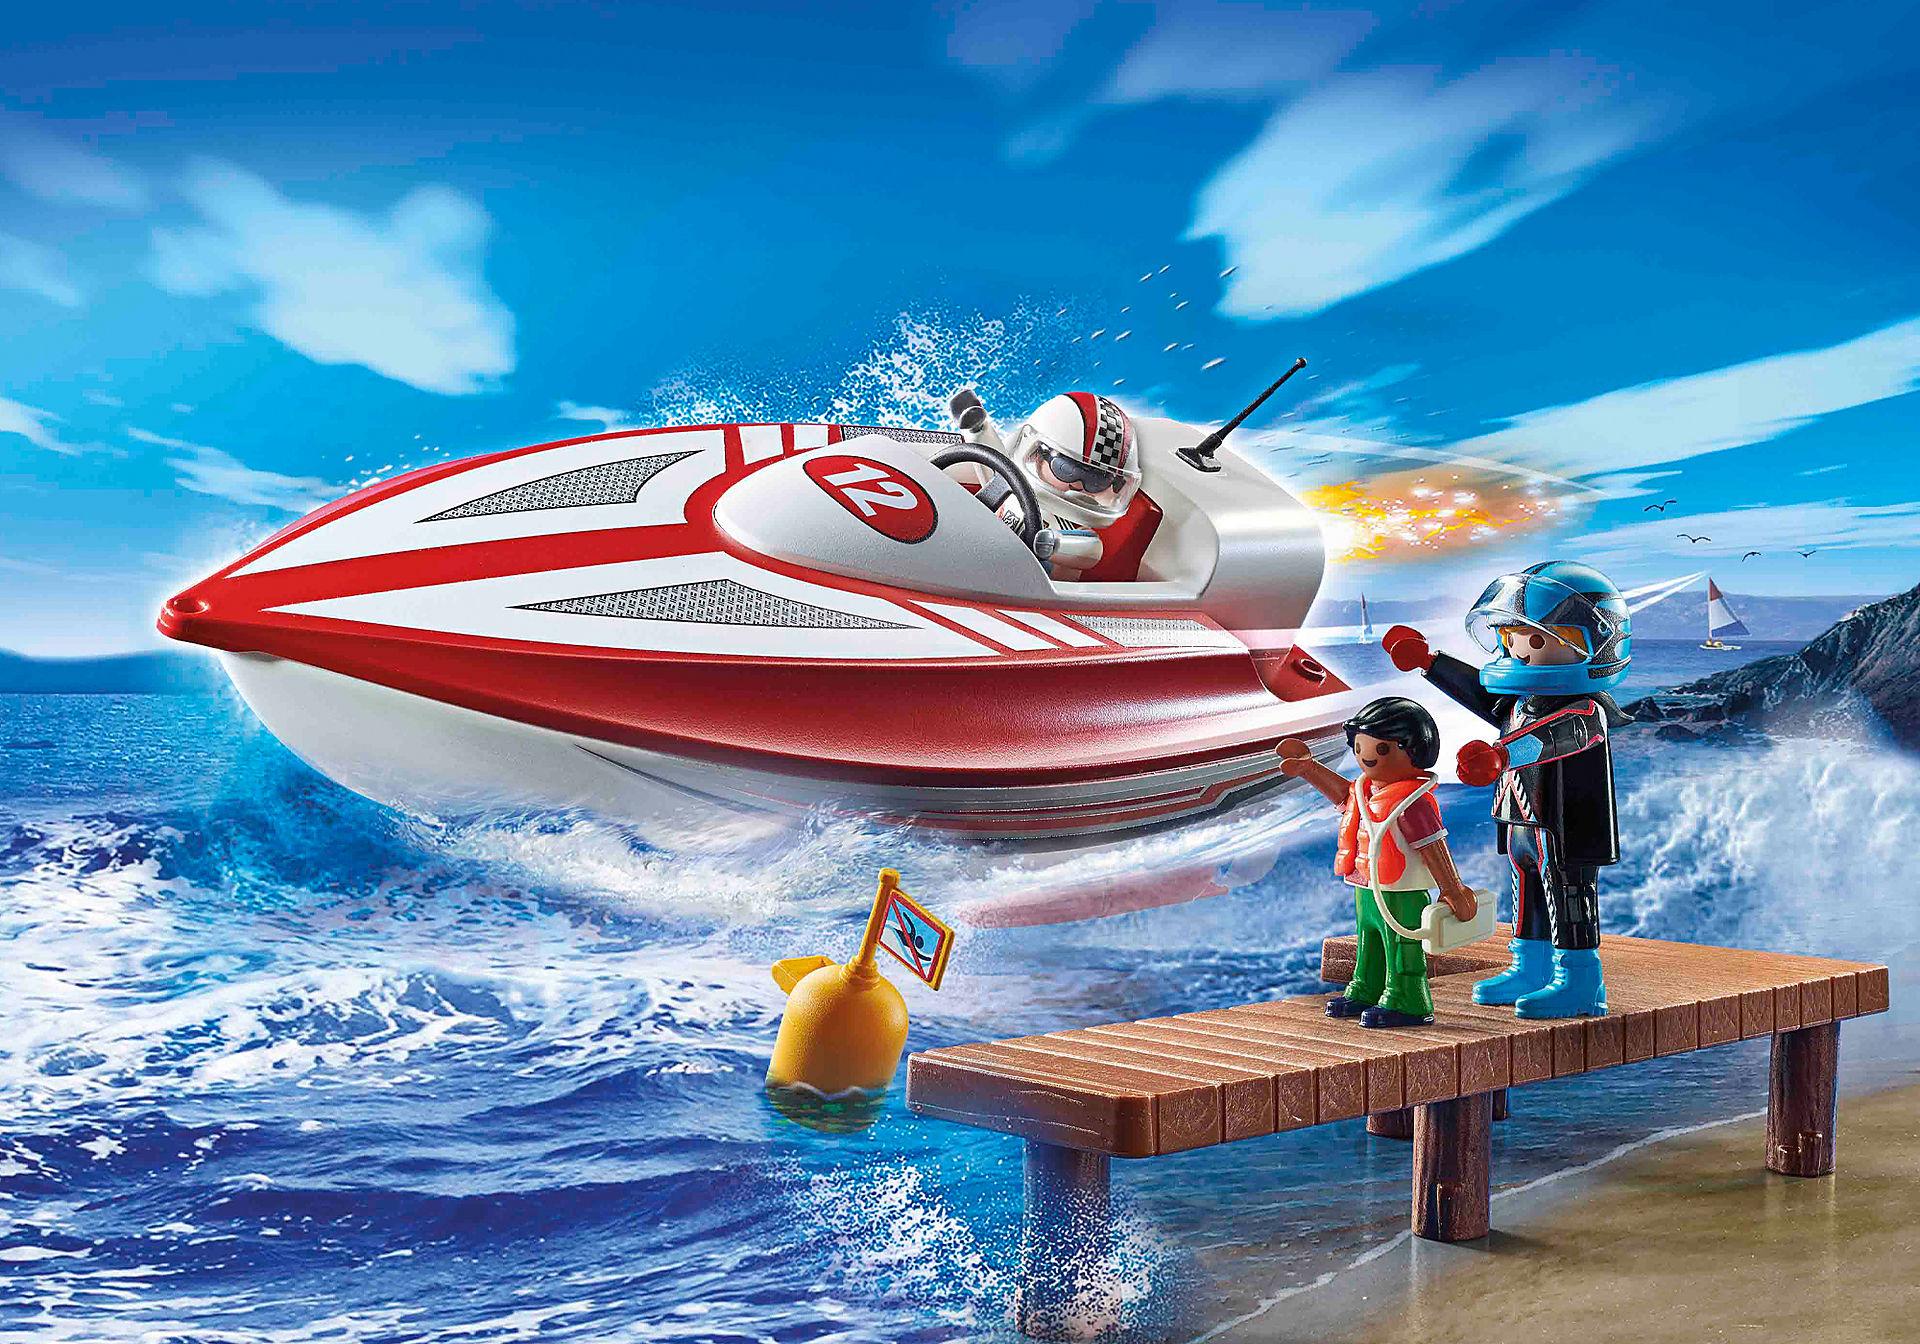 70744 Speedboot mit Unterwassermotor zoom image1